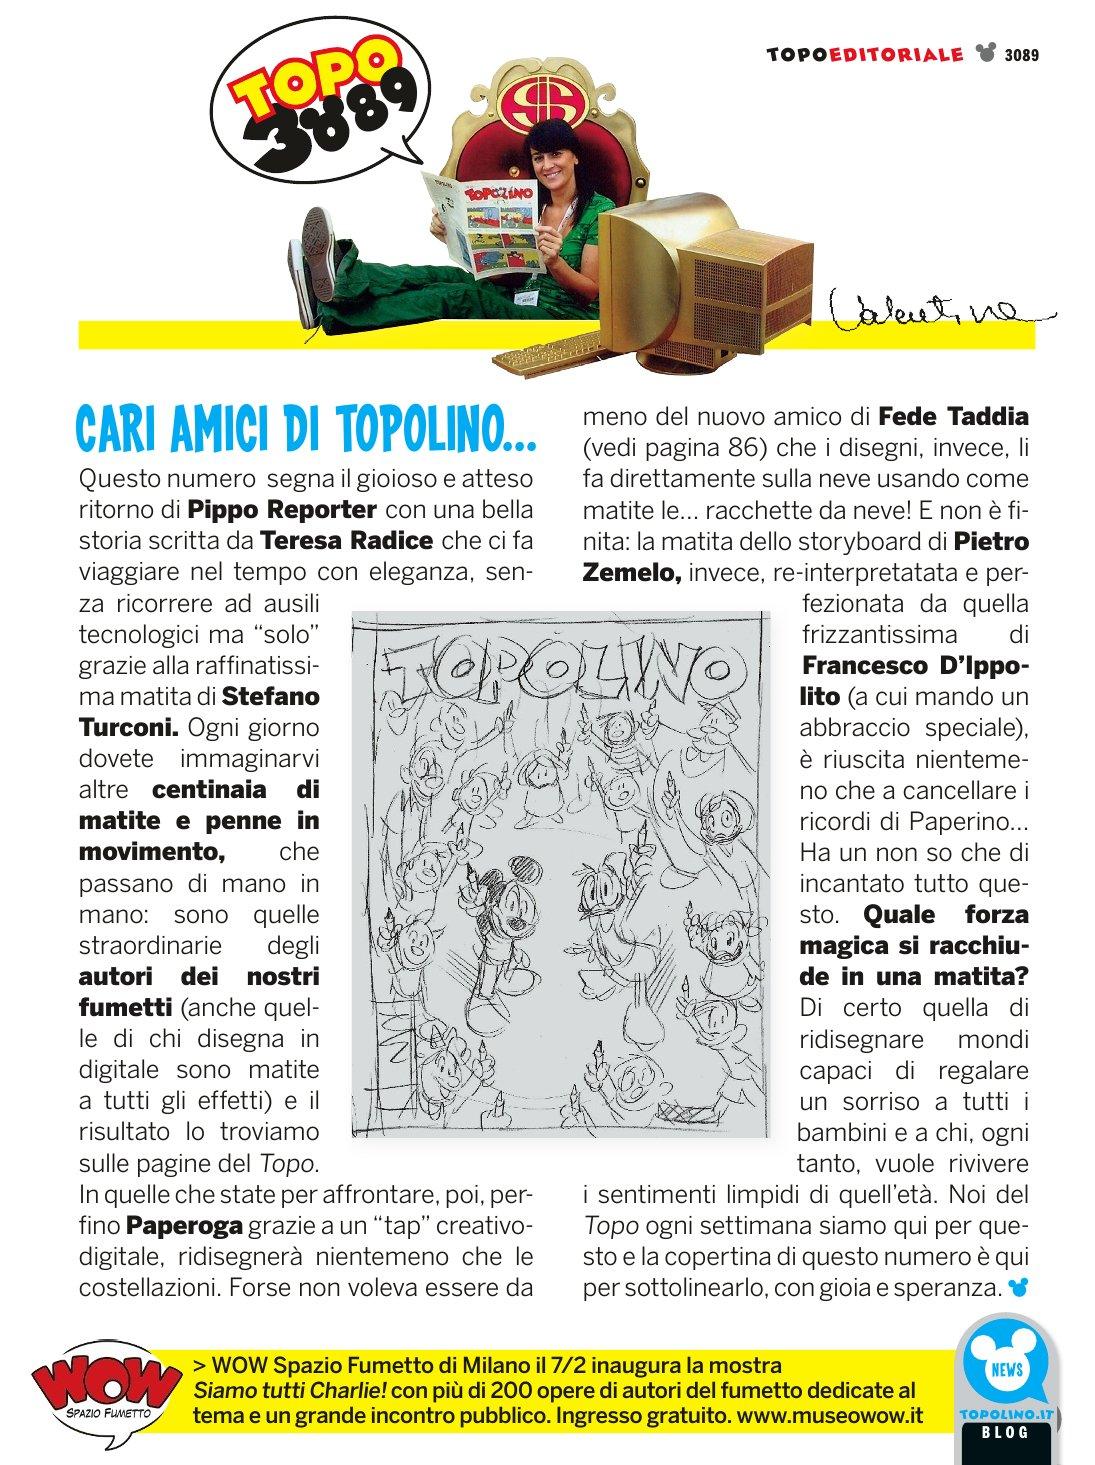 Editoriale originale, poi modificato, di Topolino 3089